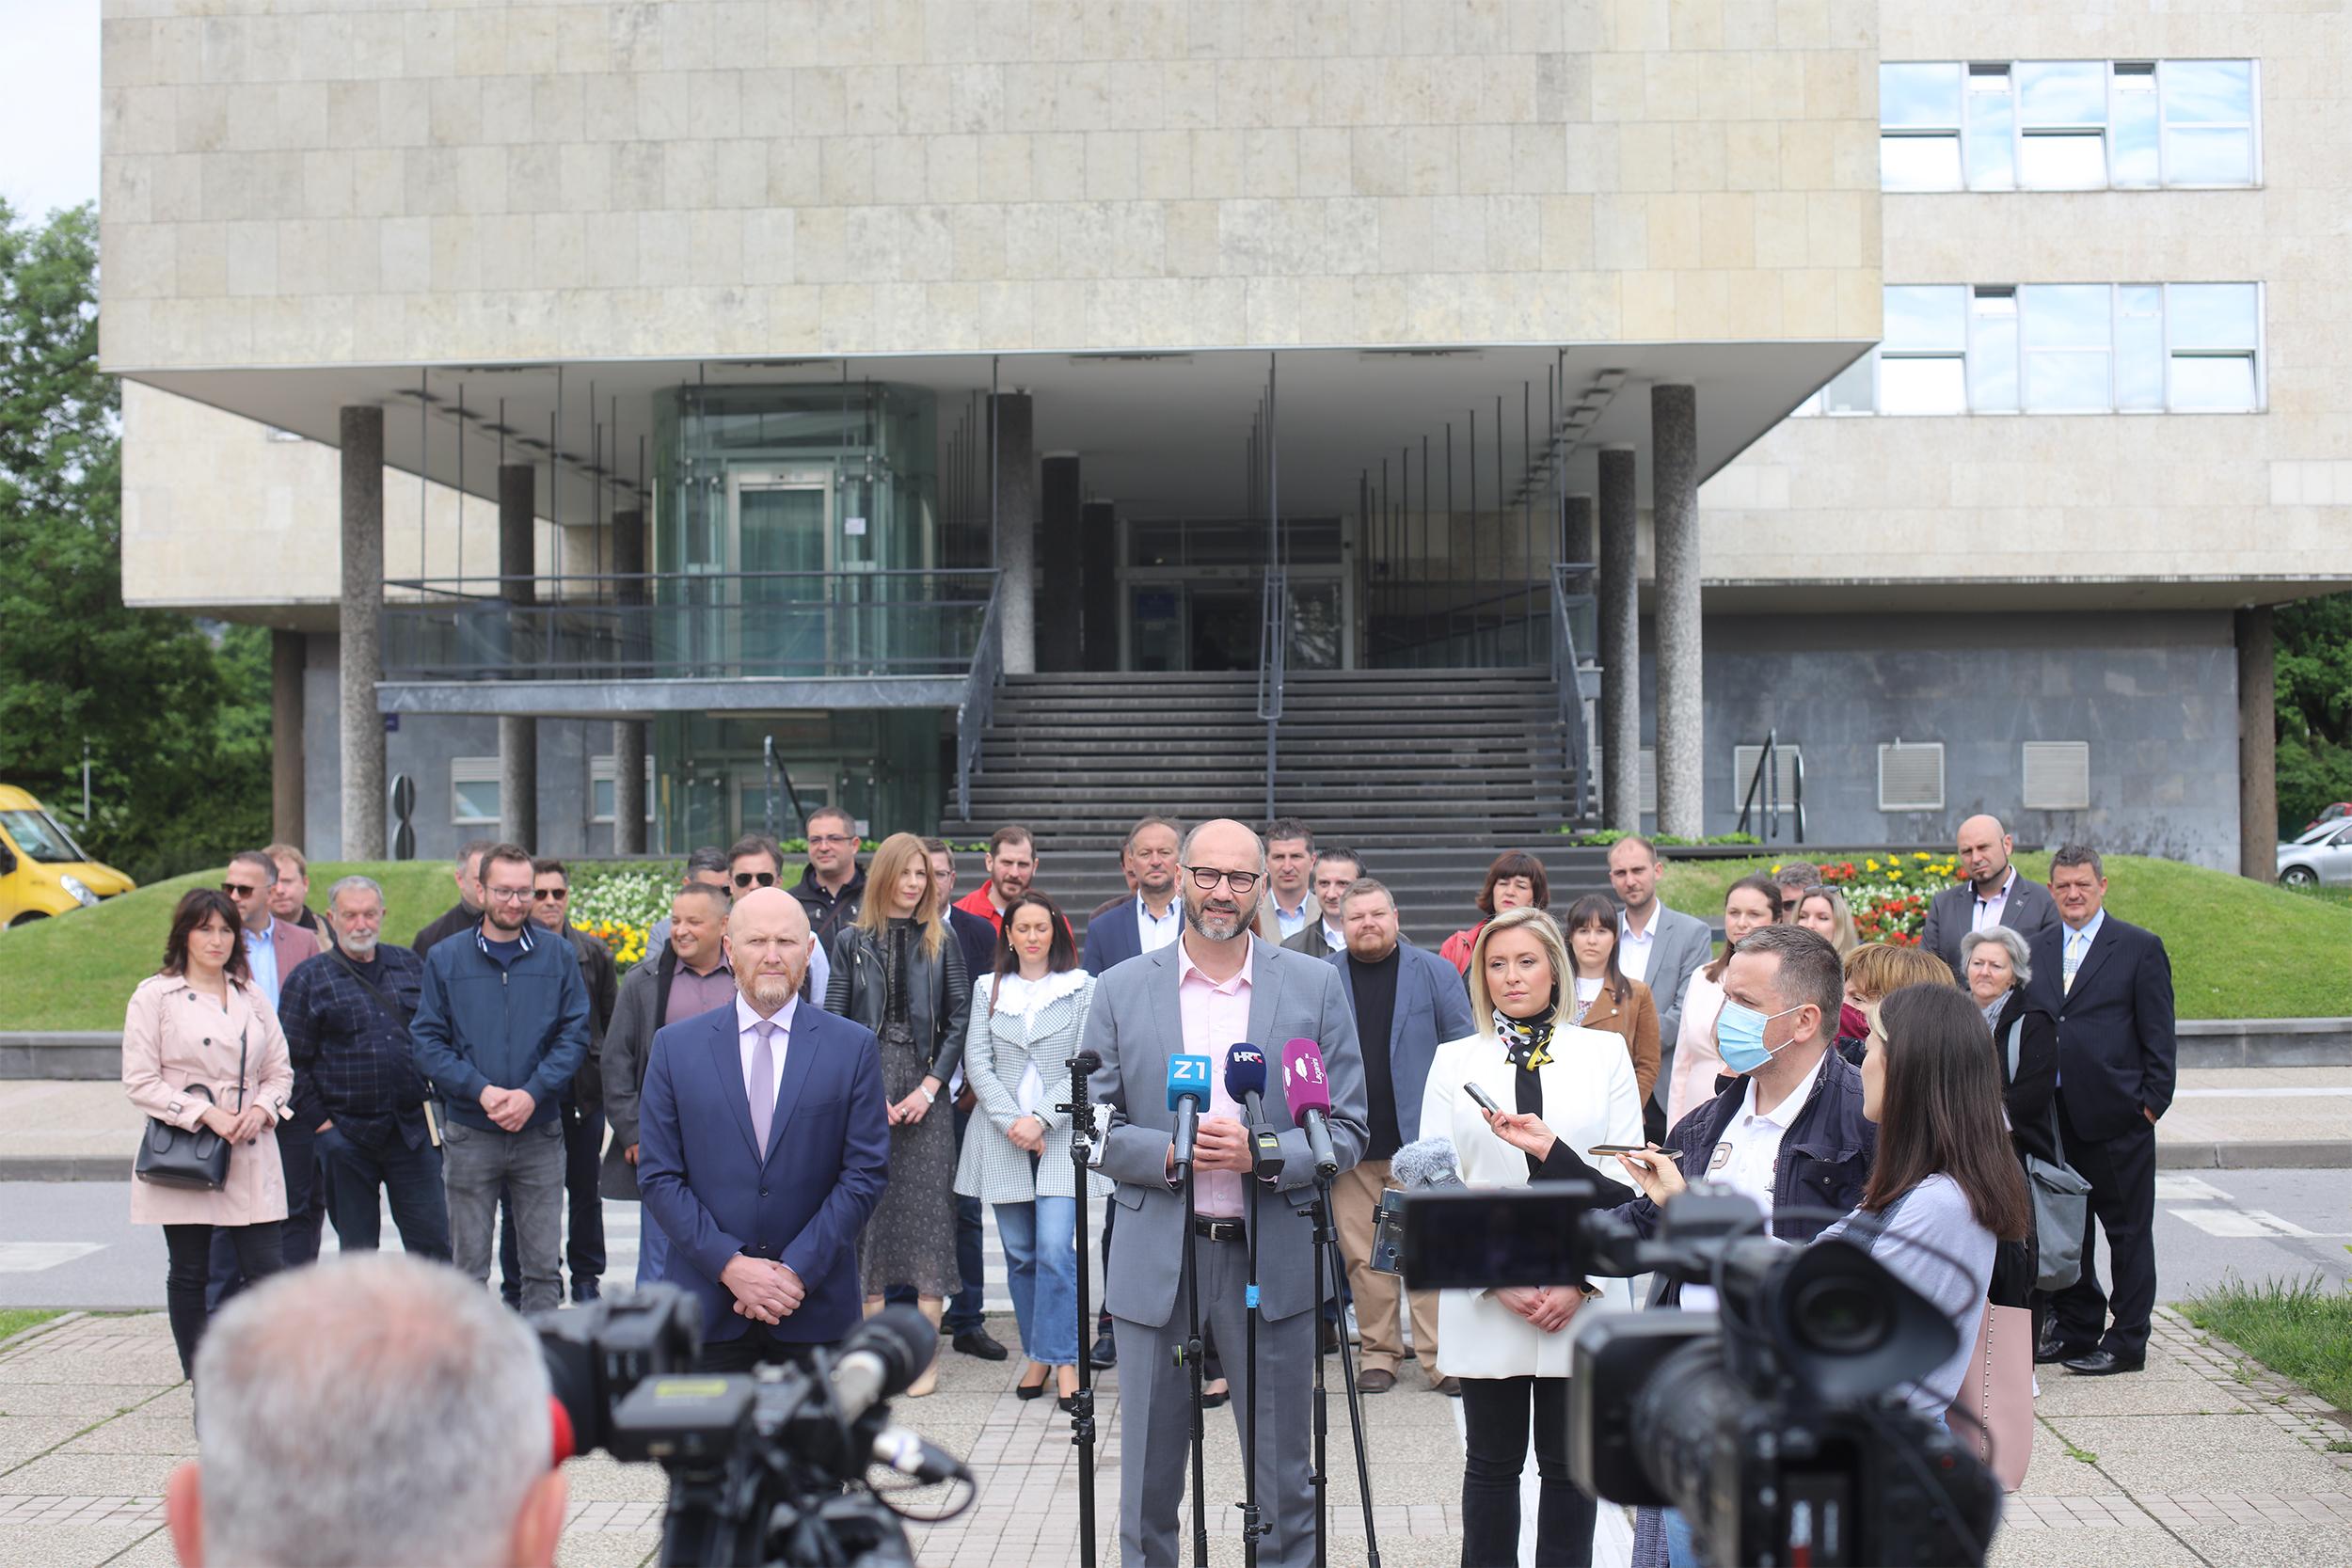 Pozivam sve naše sugrađane da u nedjelju 16. svibnja izađu na izbore i da biraju promjene. Nitko od nas nije zadovoljan trenutnim stanjem u našem gradu, za koje je odgovorna ova gradska vlast i njeni koalicijski partneri. Birajte kandidata za promjene, birajte tim za pobjede, birajte listu za promjene, a to je upravo ono što SDP nudi građankama i građanima Zagreba.